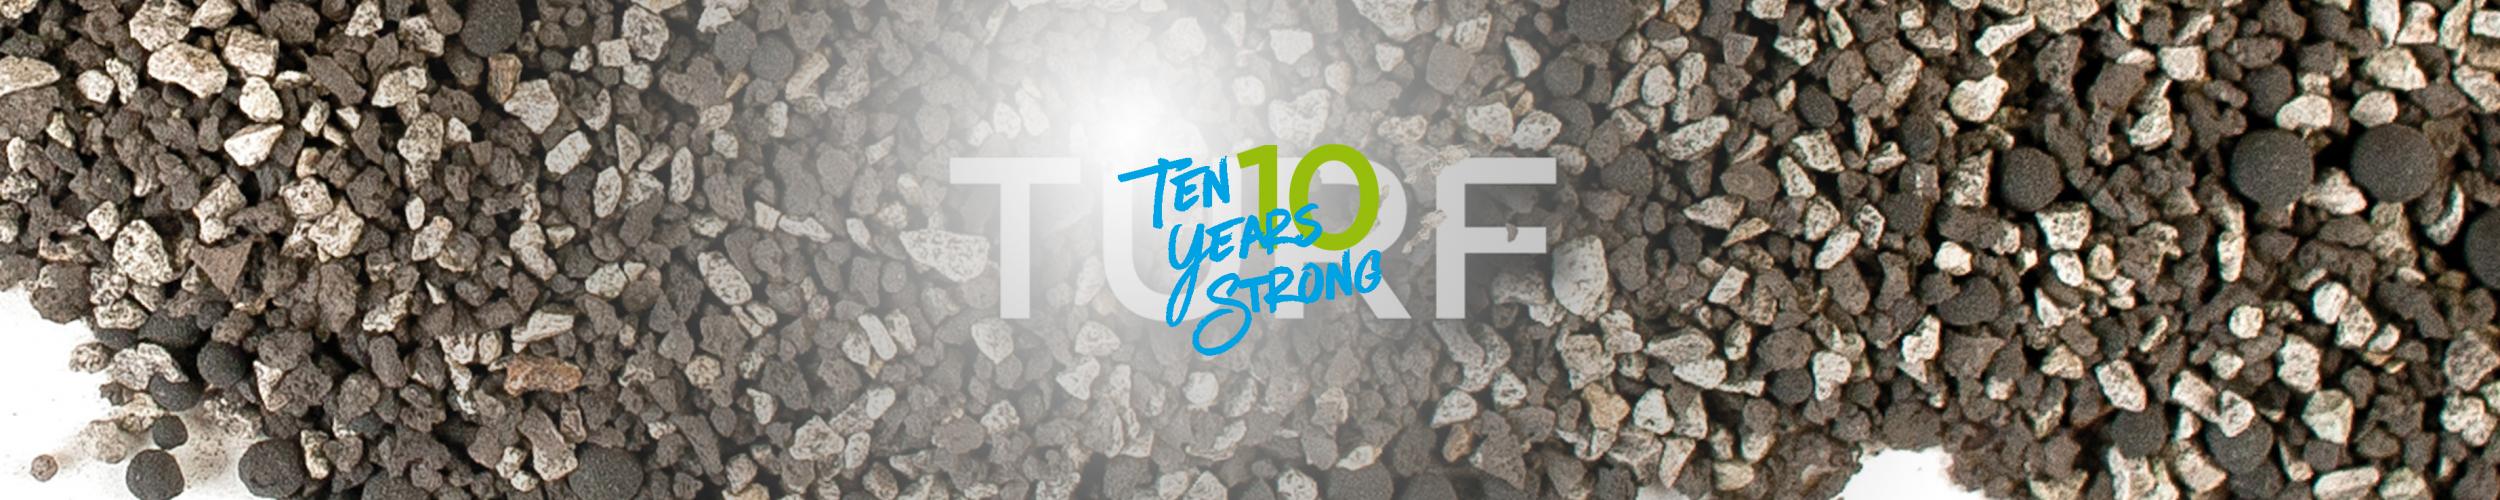 TerraCottem Turf, bodemverbeteraar voor gazon en sportvelden